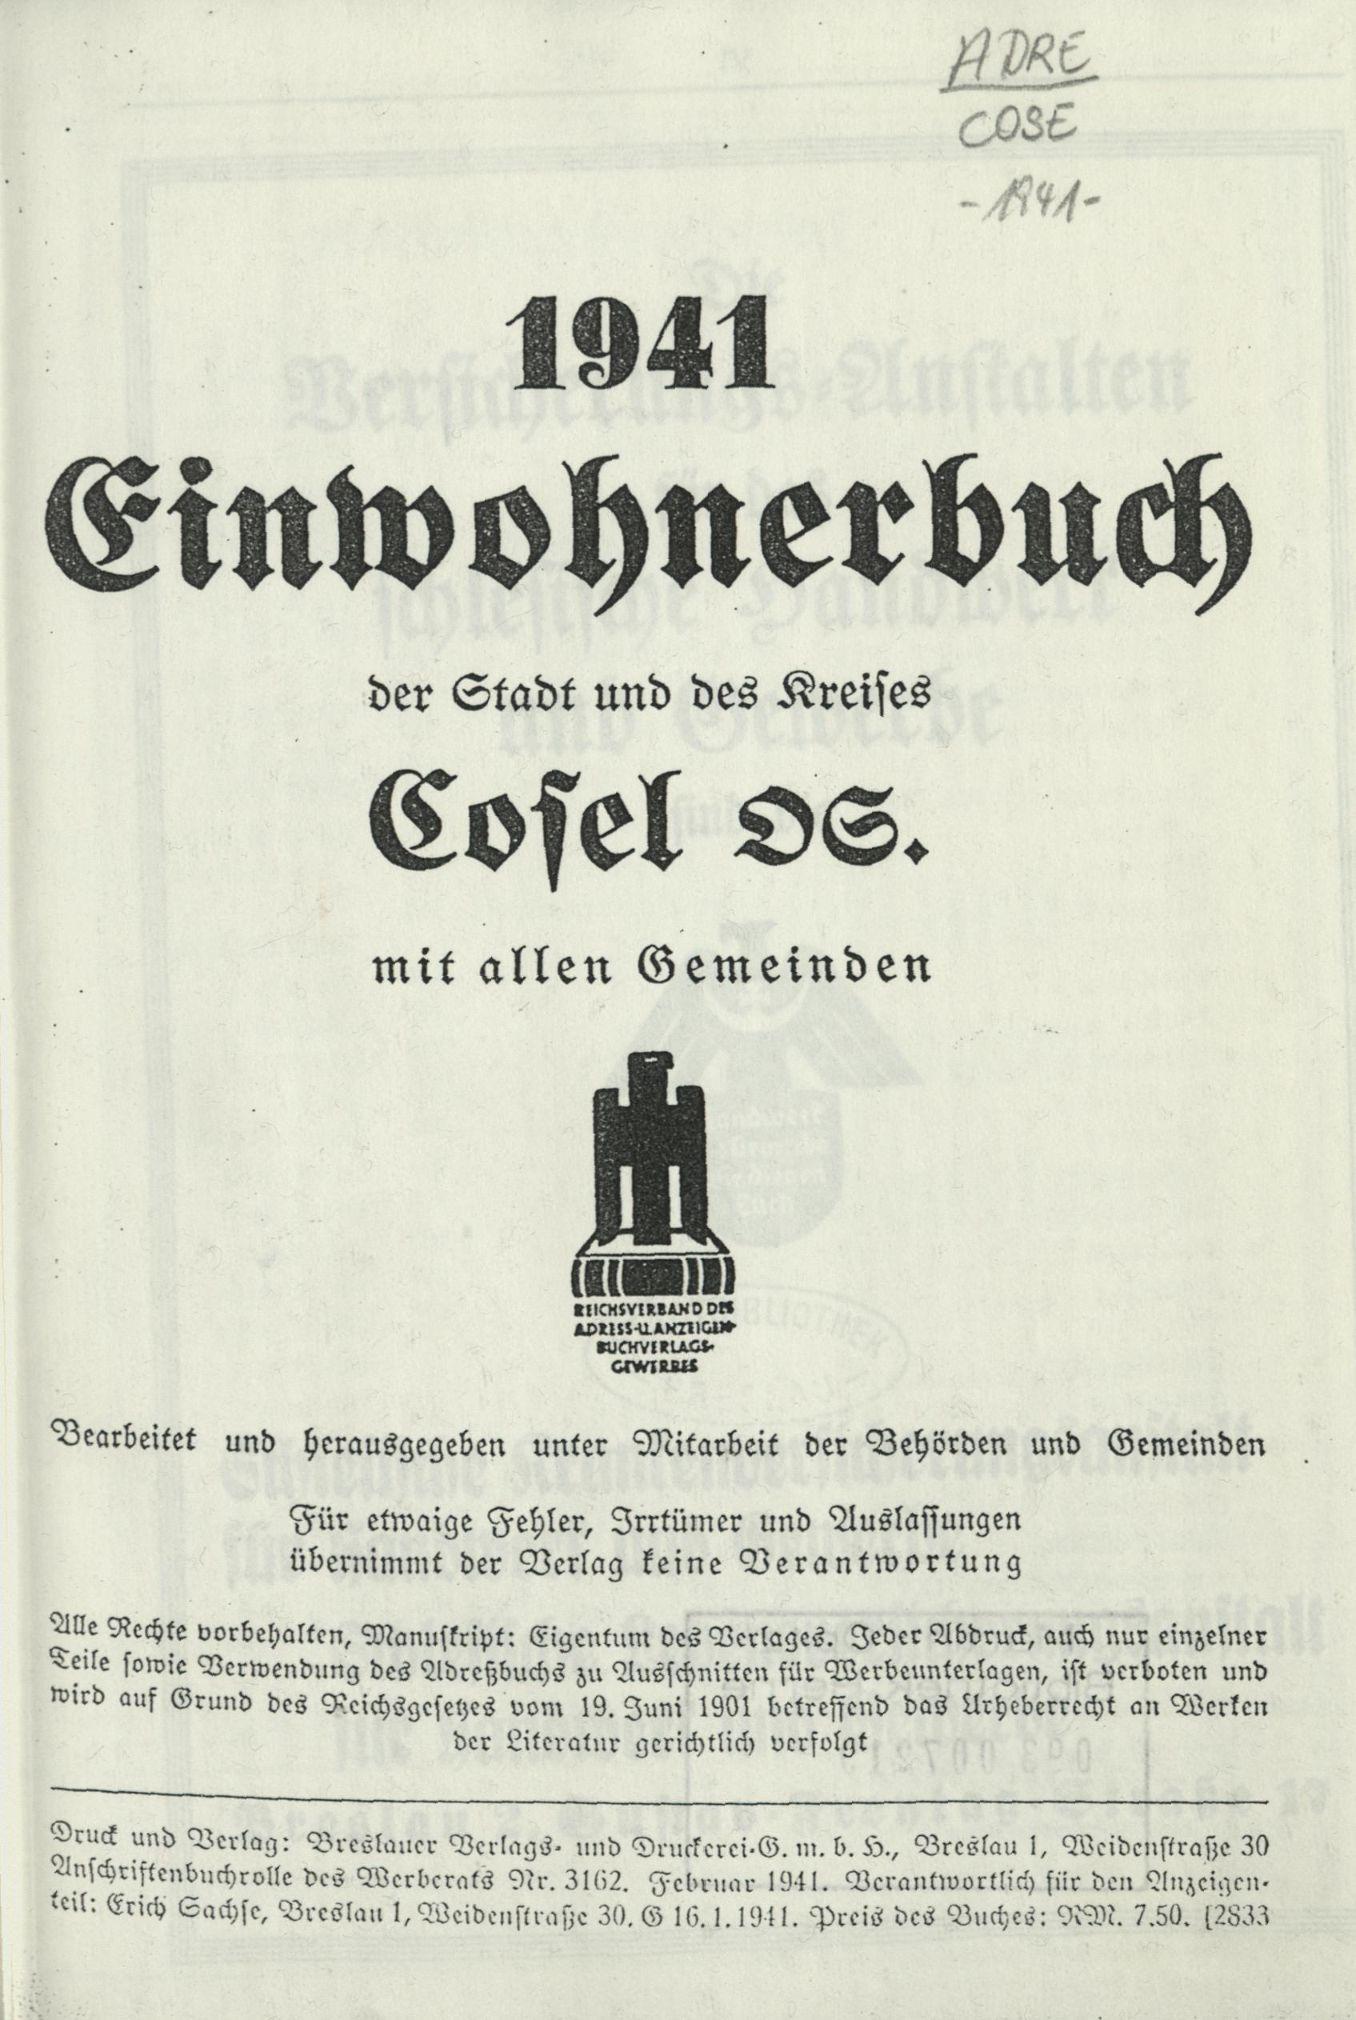 Einwohnerbuch der Stadt und des Kreises Cosel OS. mit allen Gemeinden 1941